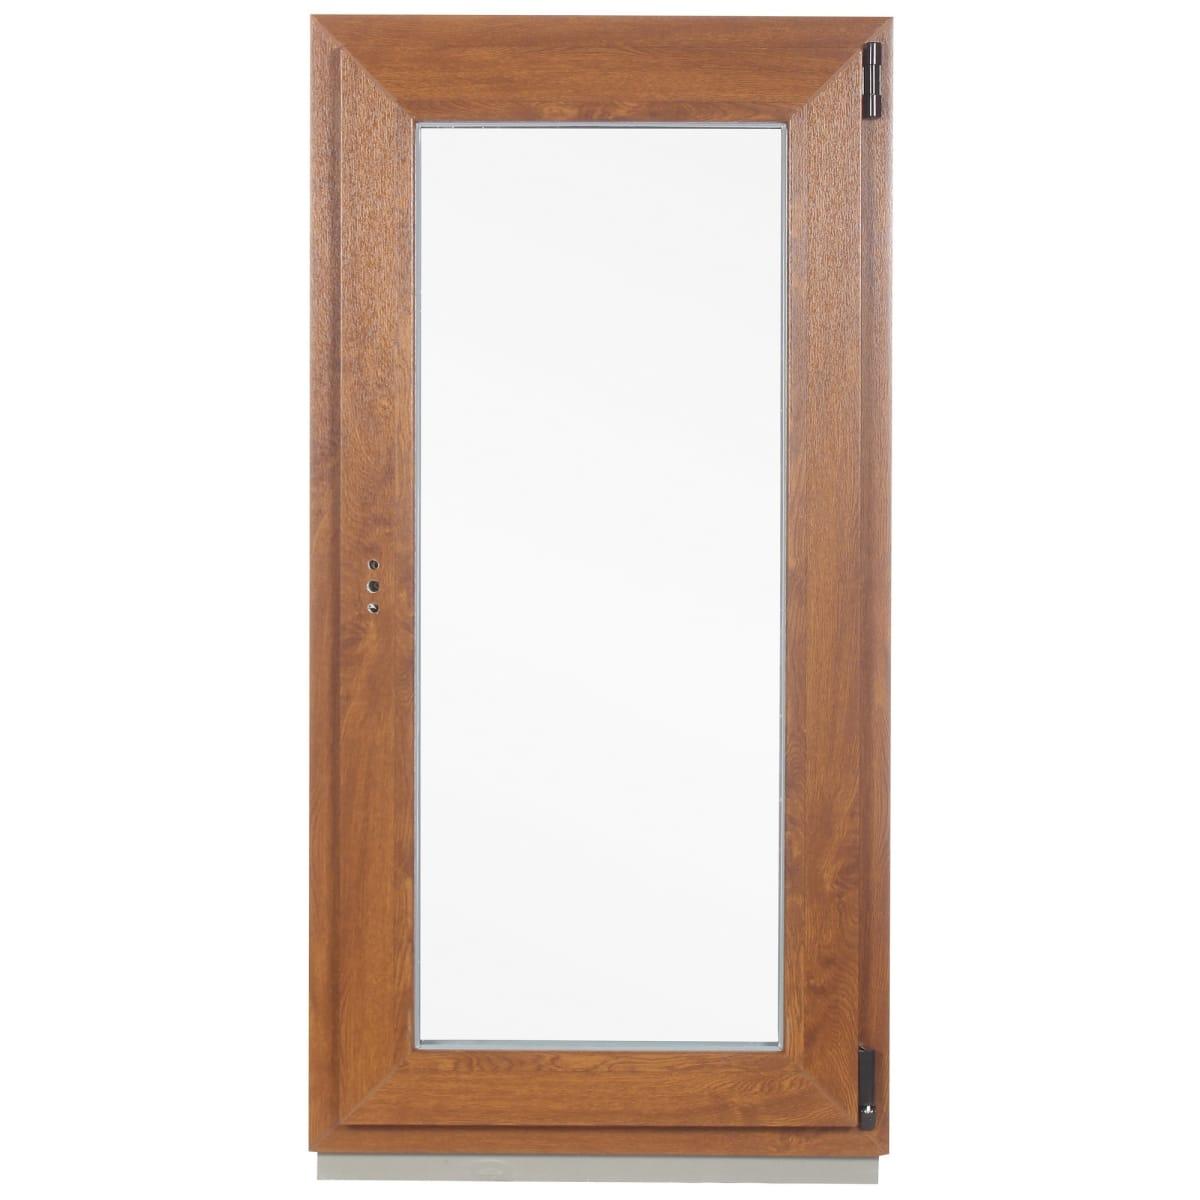 Окно ПВХ одностворчатое, 120x60 см, поворотно-откидное правое, цвет золотой